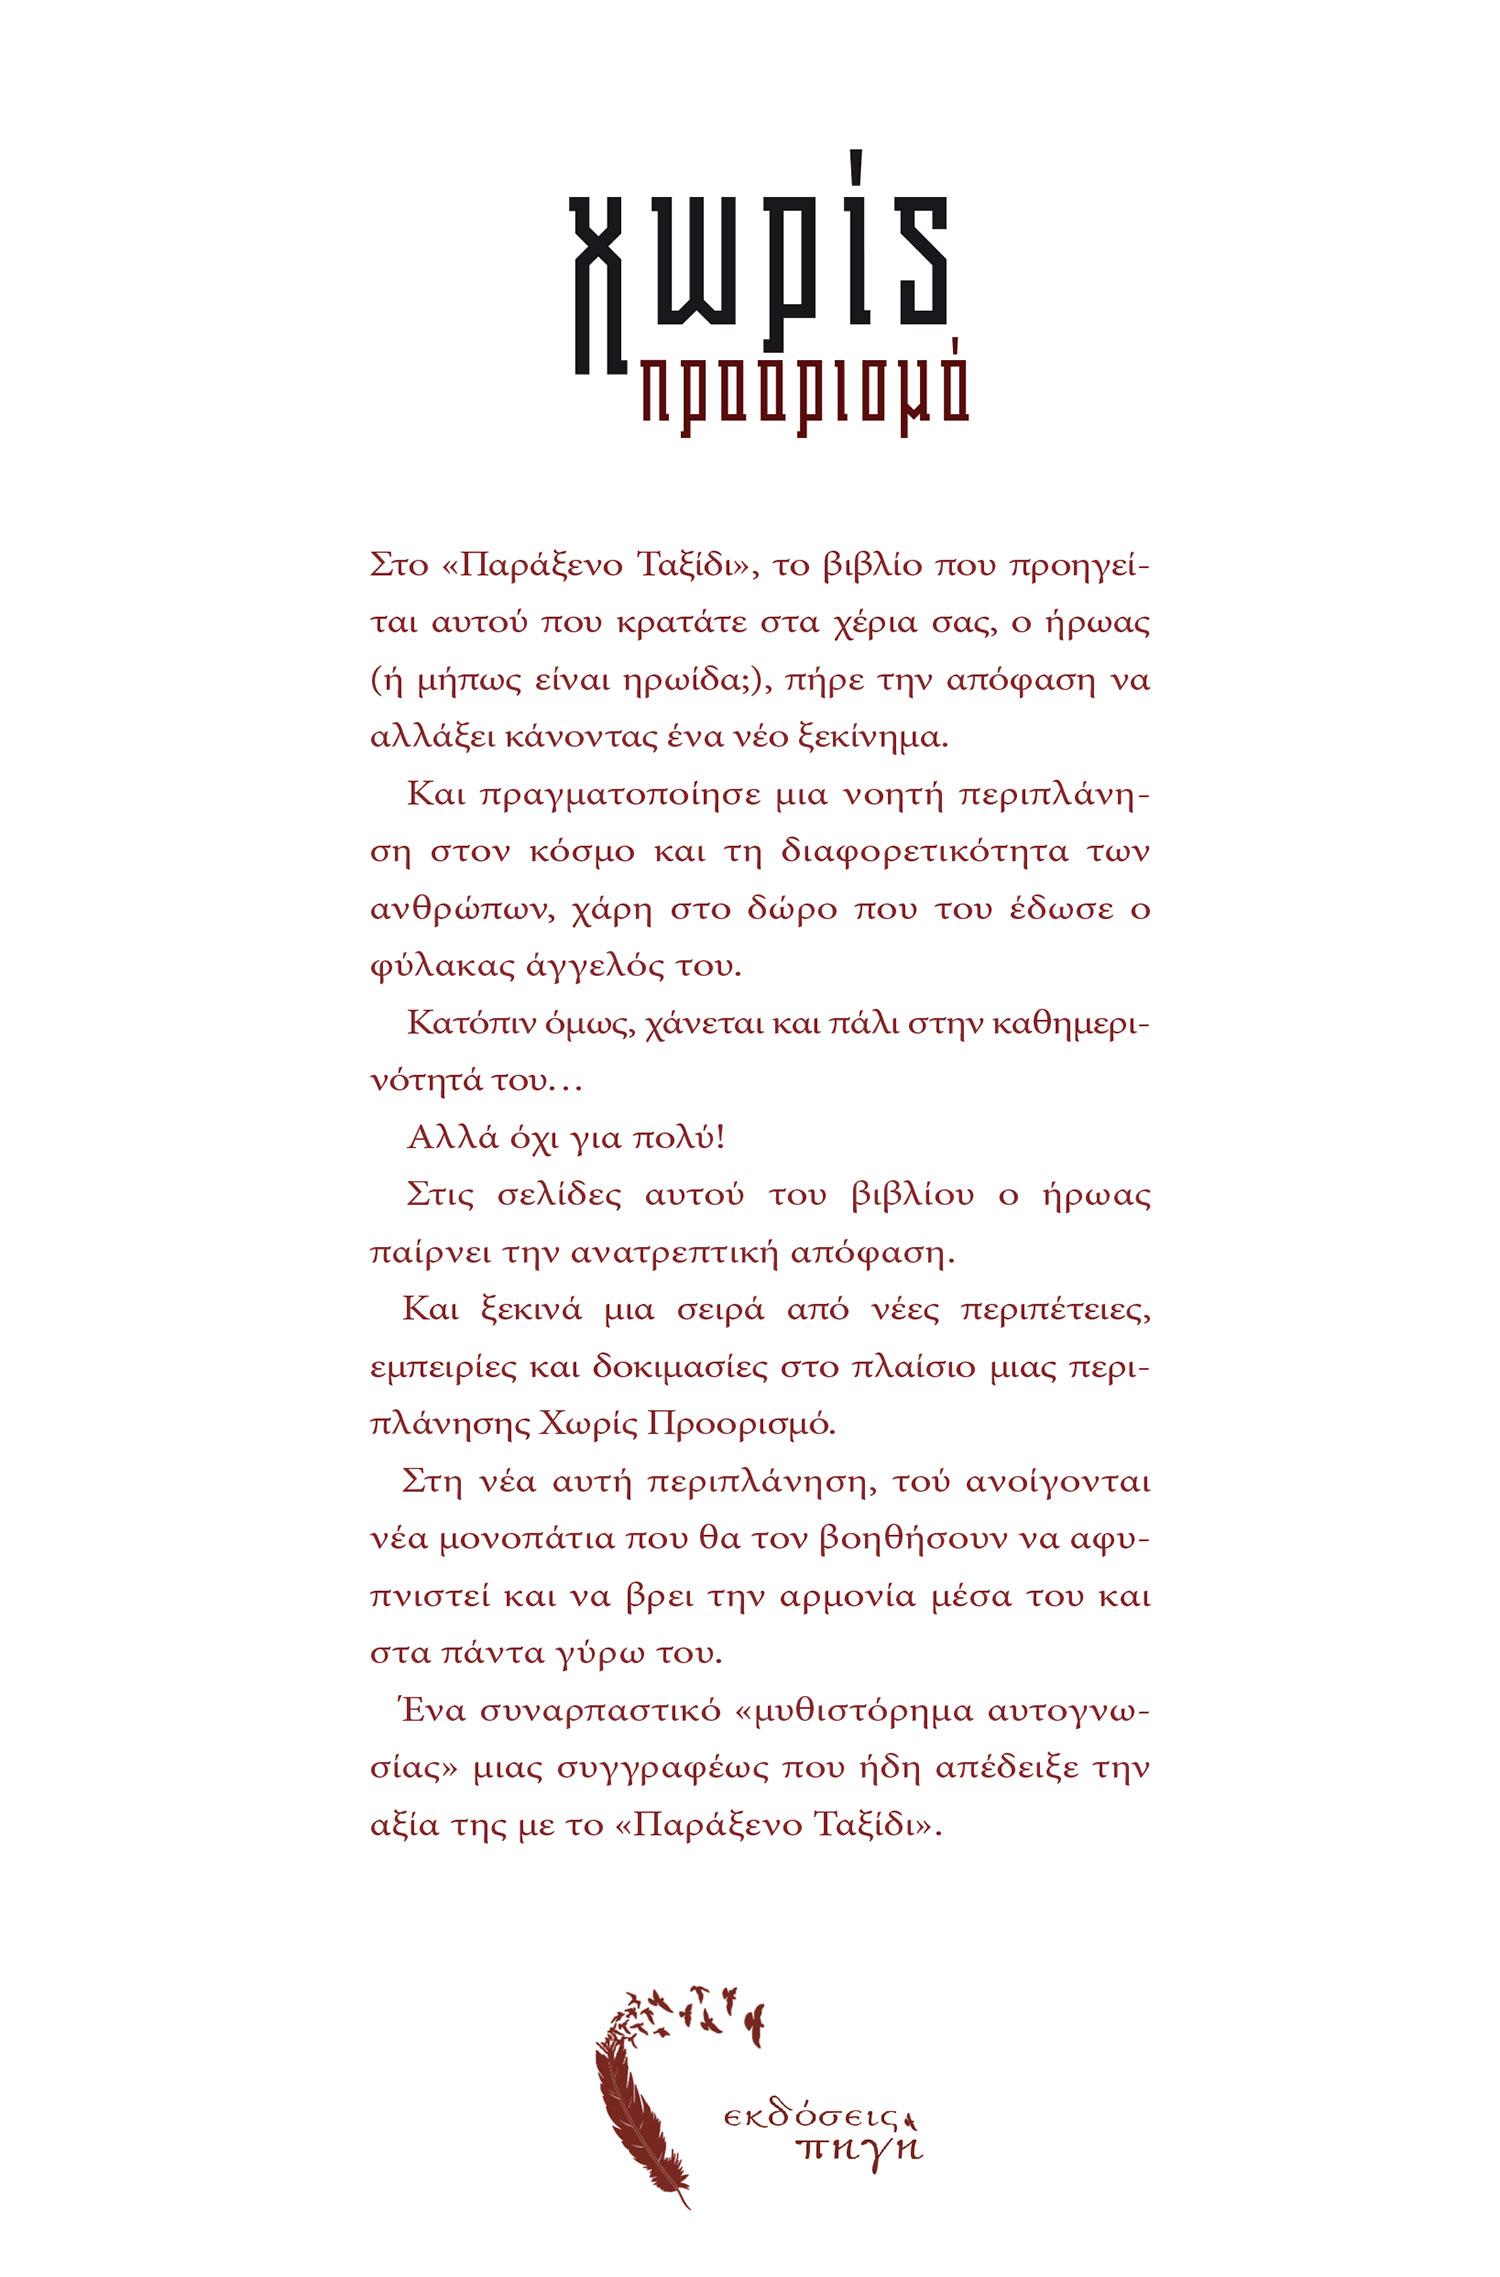 Χωρίς Προορισμό, Αλίκη Valores, Εκδόσεις Πηγή - www.pigi.gr